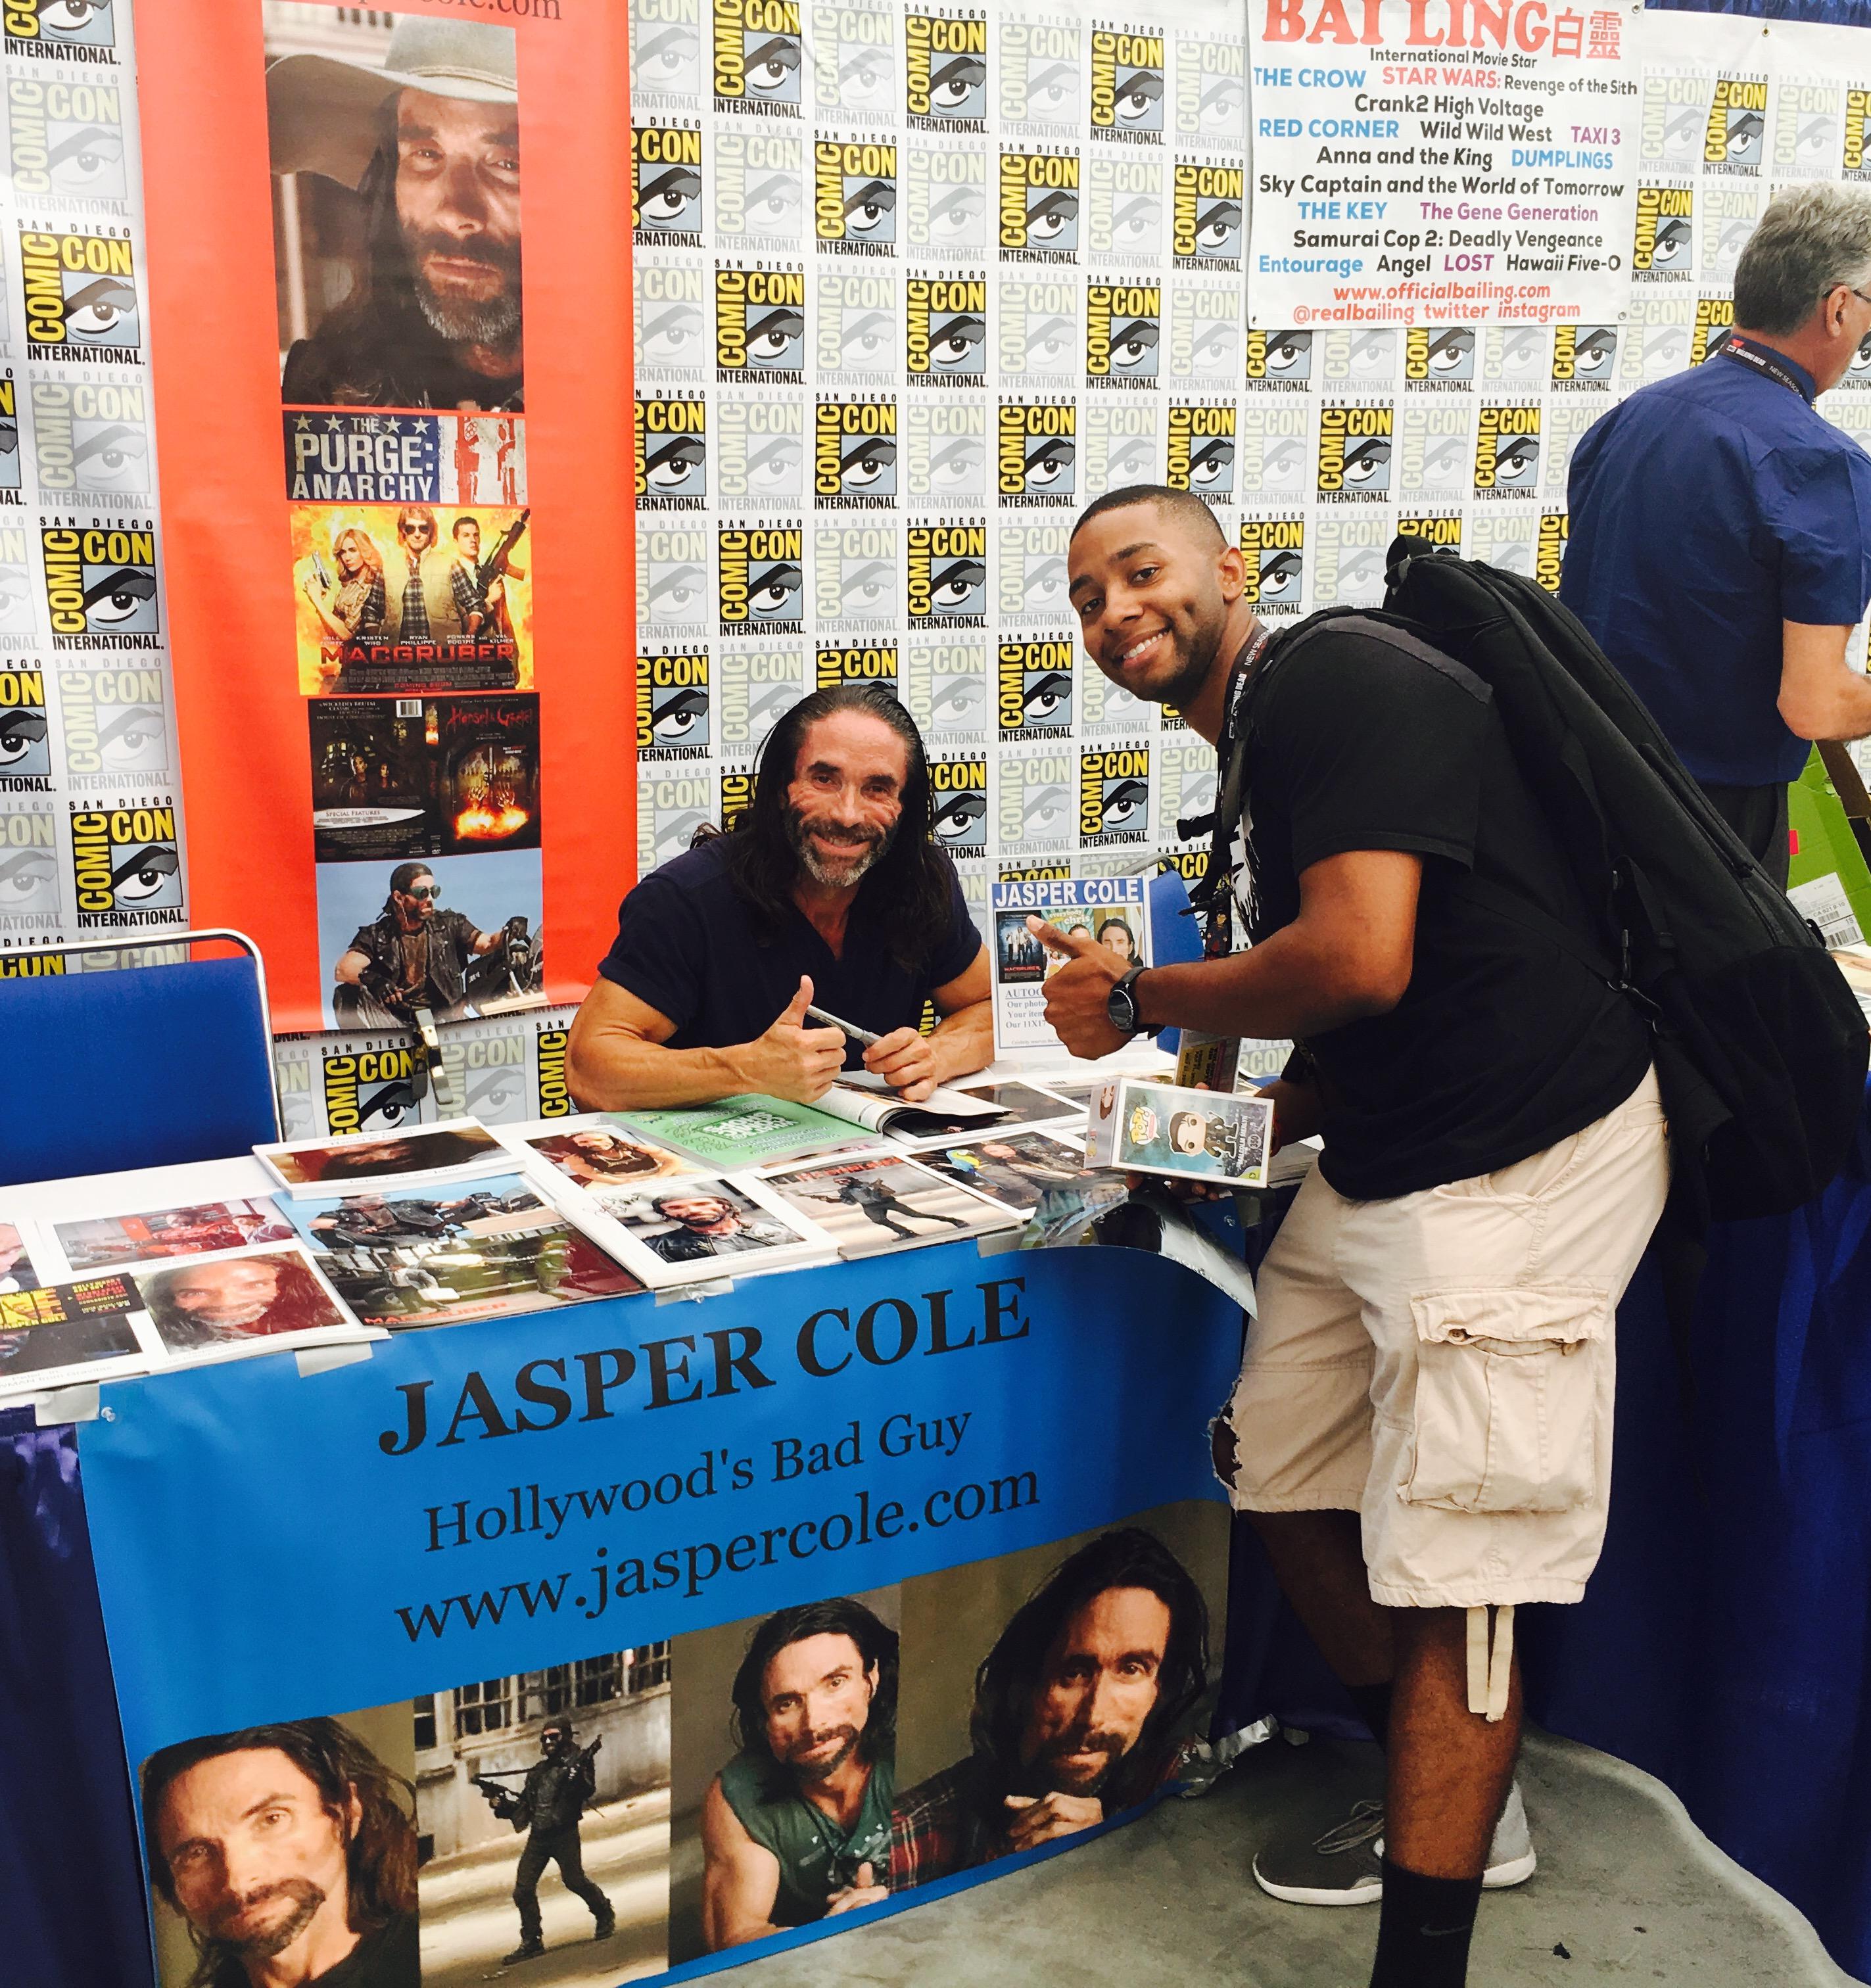 Jasper Cole Comic Con 2017